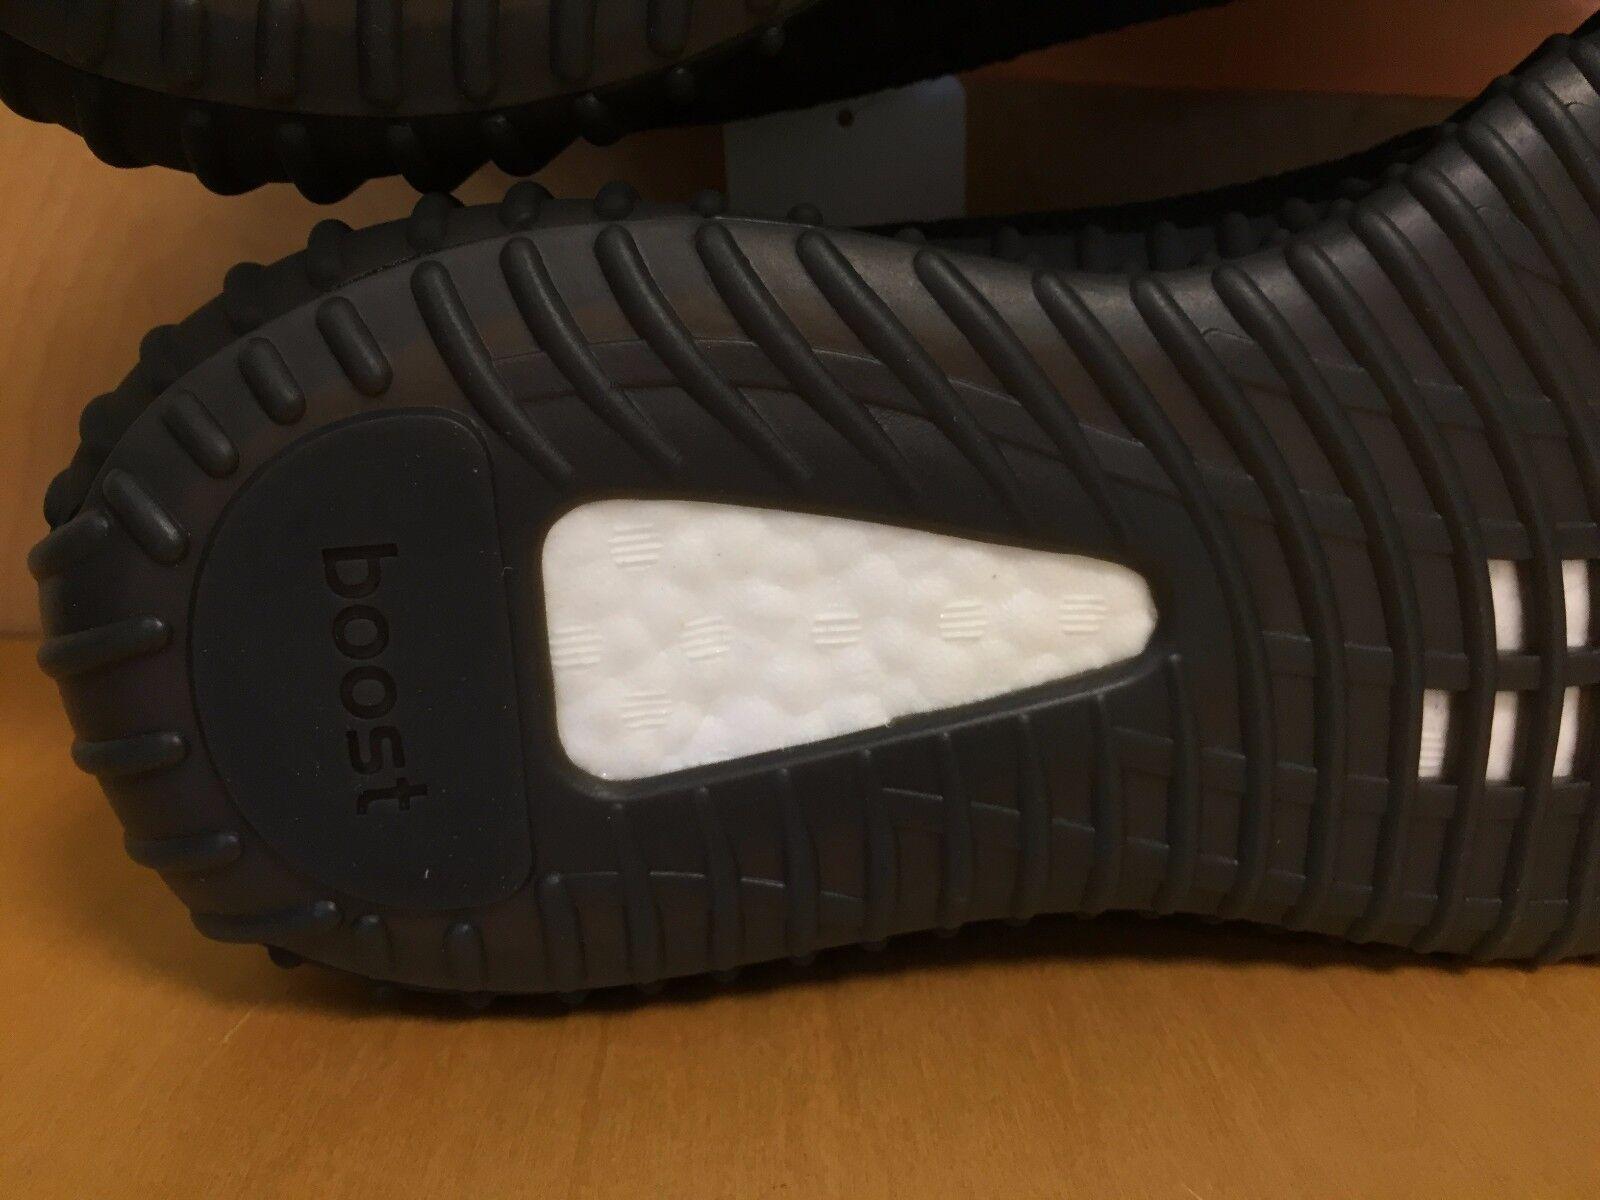 Adidas yeezy 350 v2 impulso sply kanye west, nero nero west, - verde oliva by9611 in mano fb492b